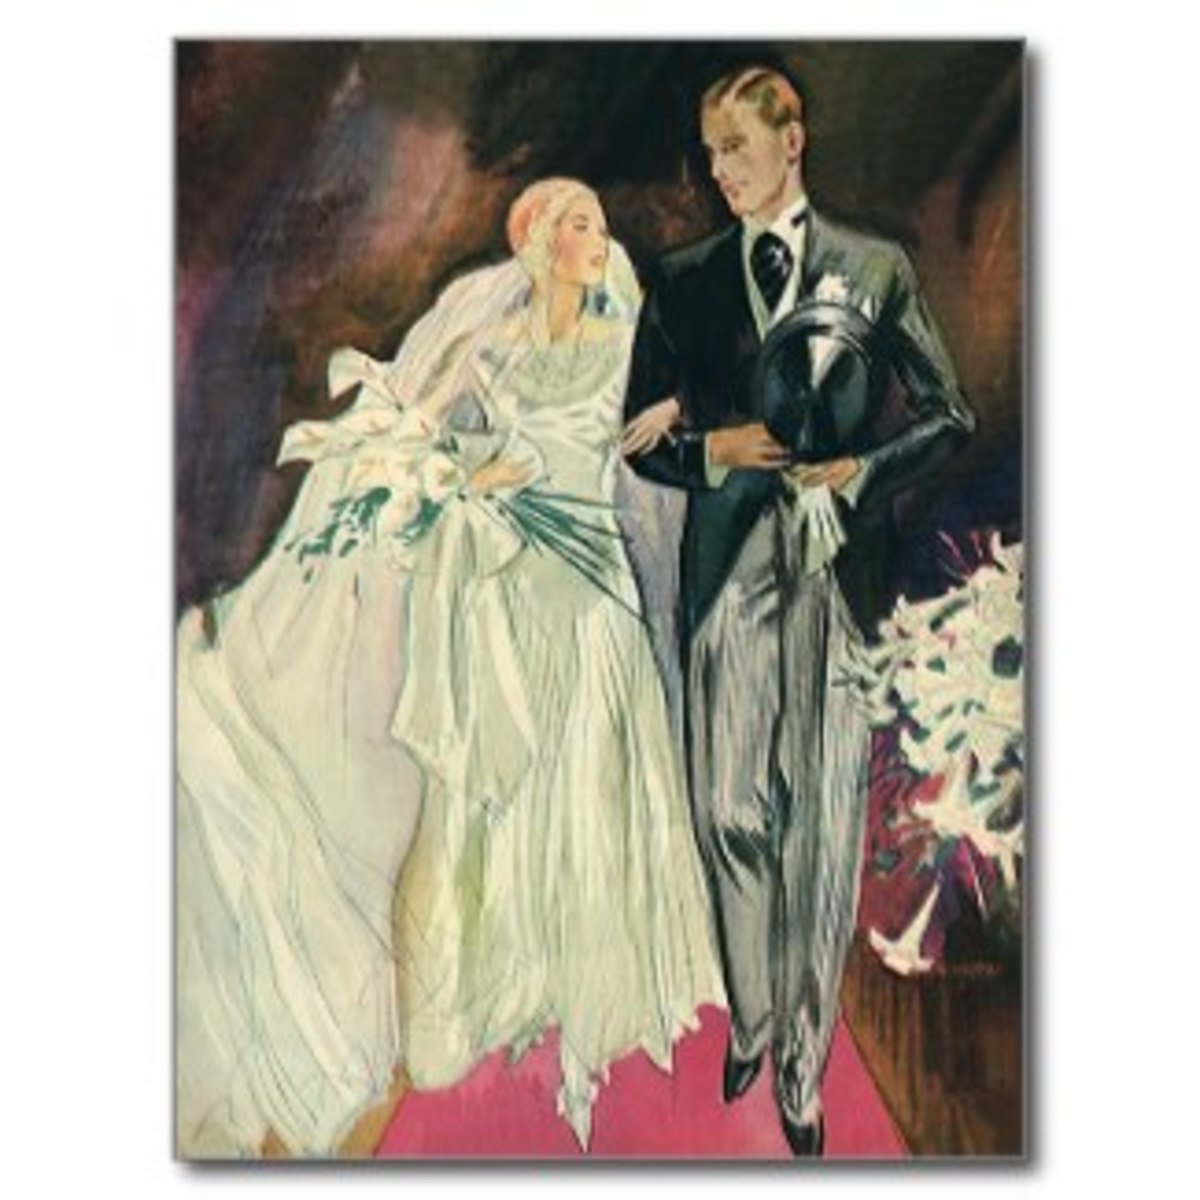 Vintage Wedding, Bride and Groom, Newlyweds Postcard